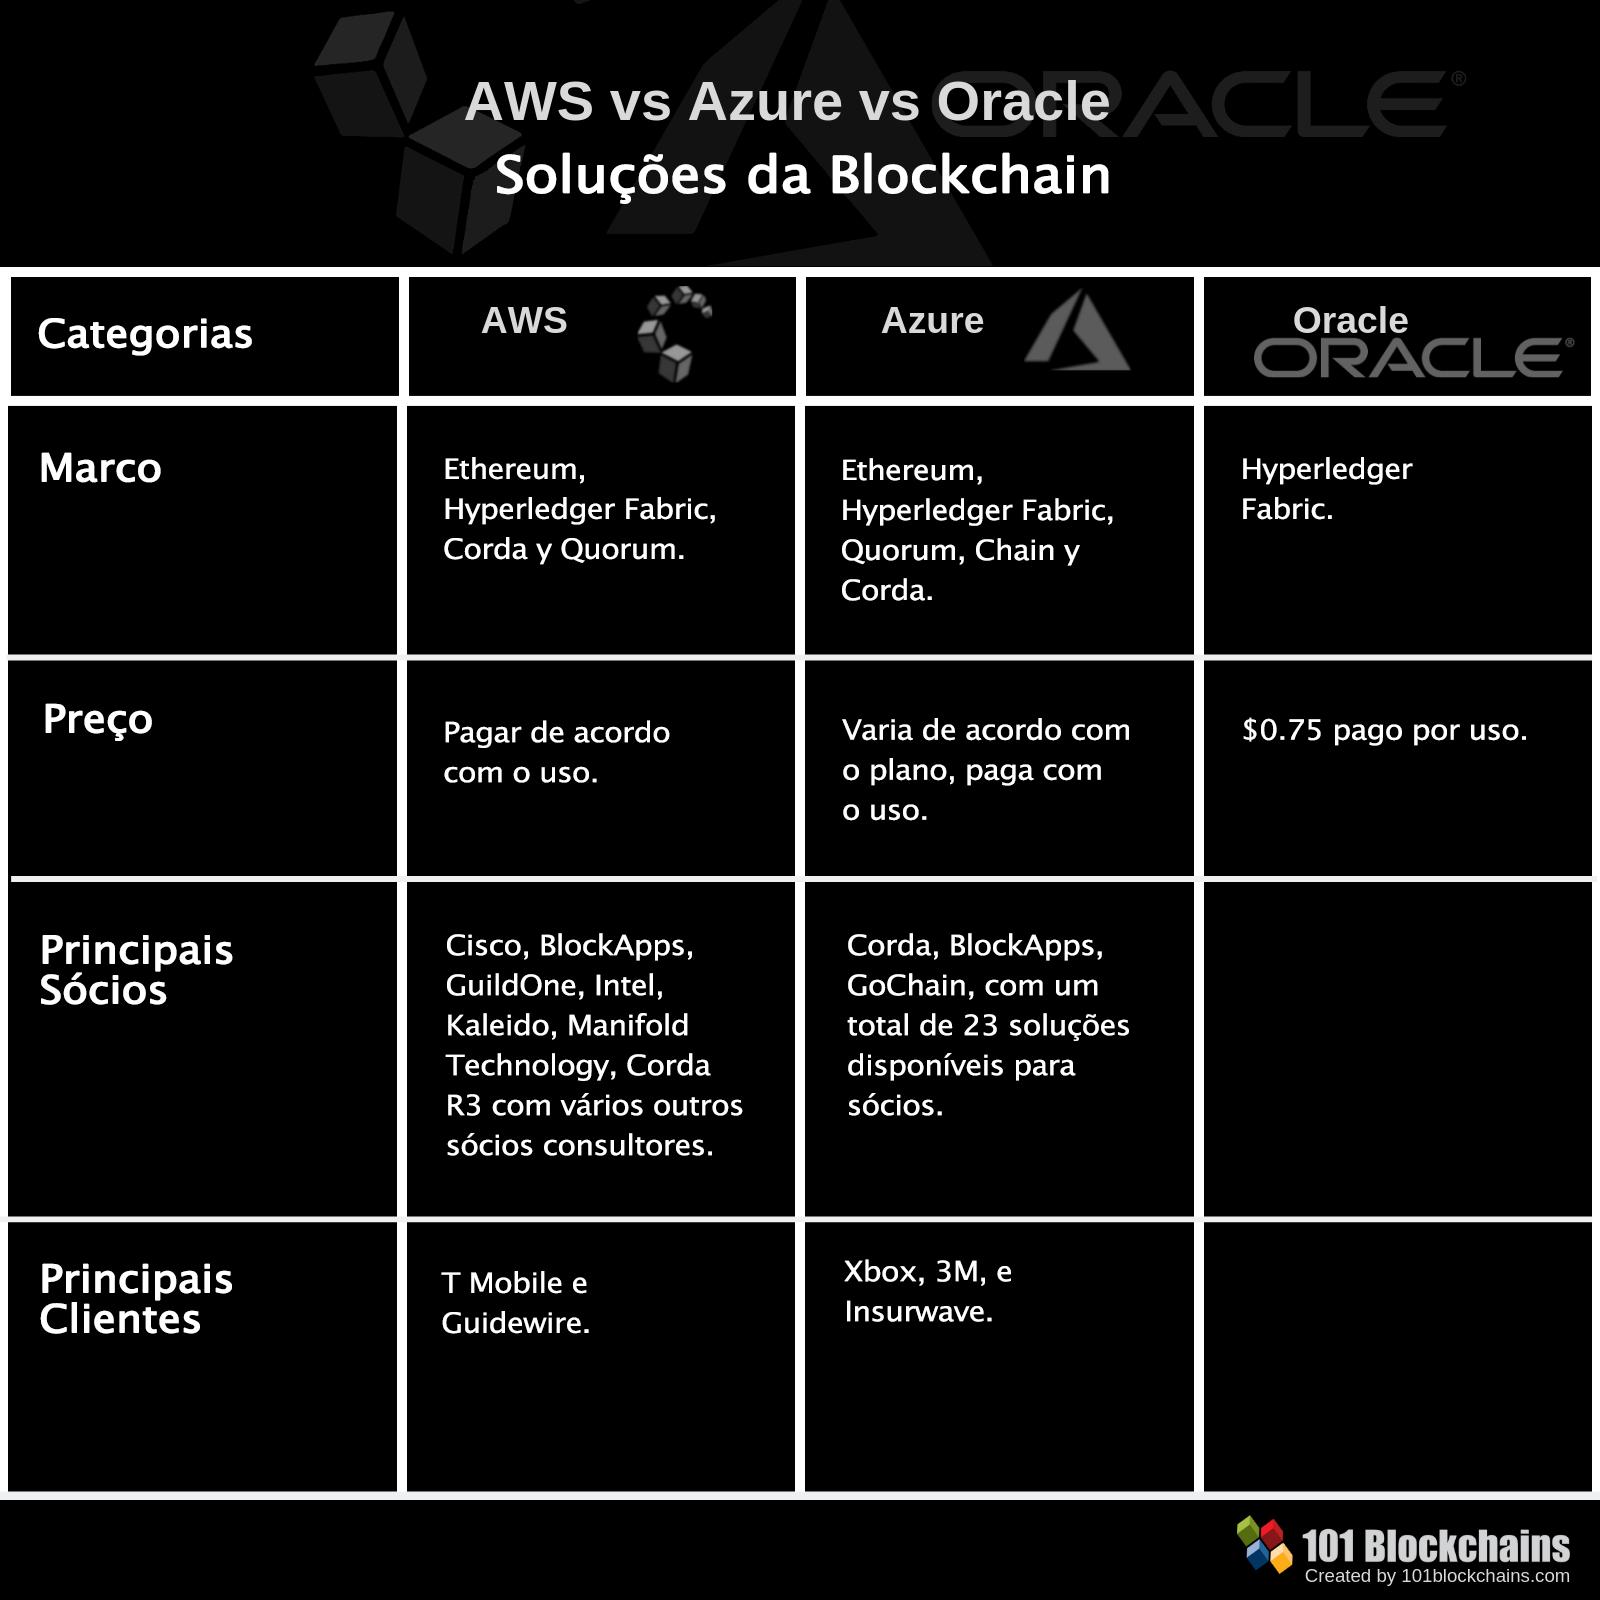 Análise Comparativa entre AWS vs AZURE vs Oracle. Qual a melhor solução Blockchain?